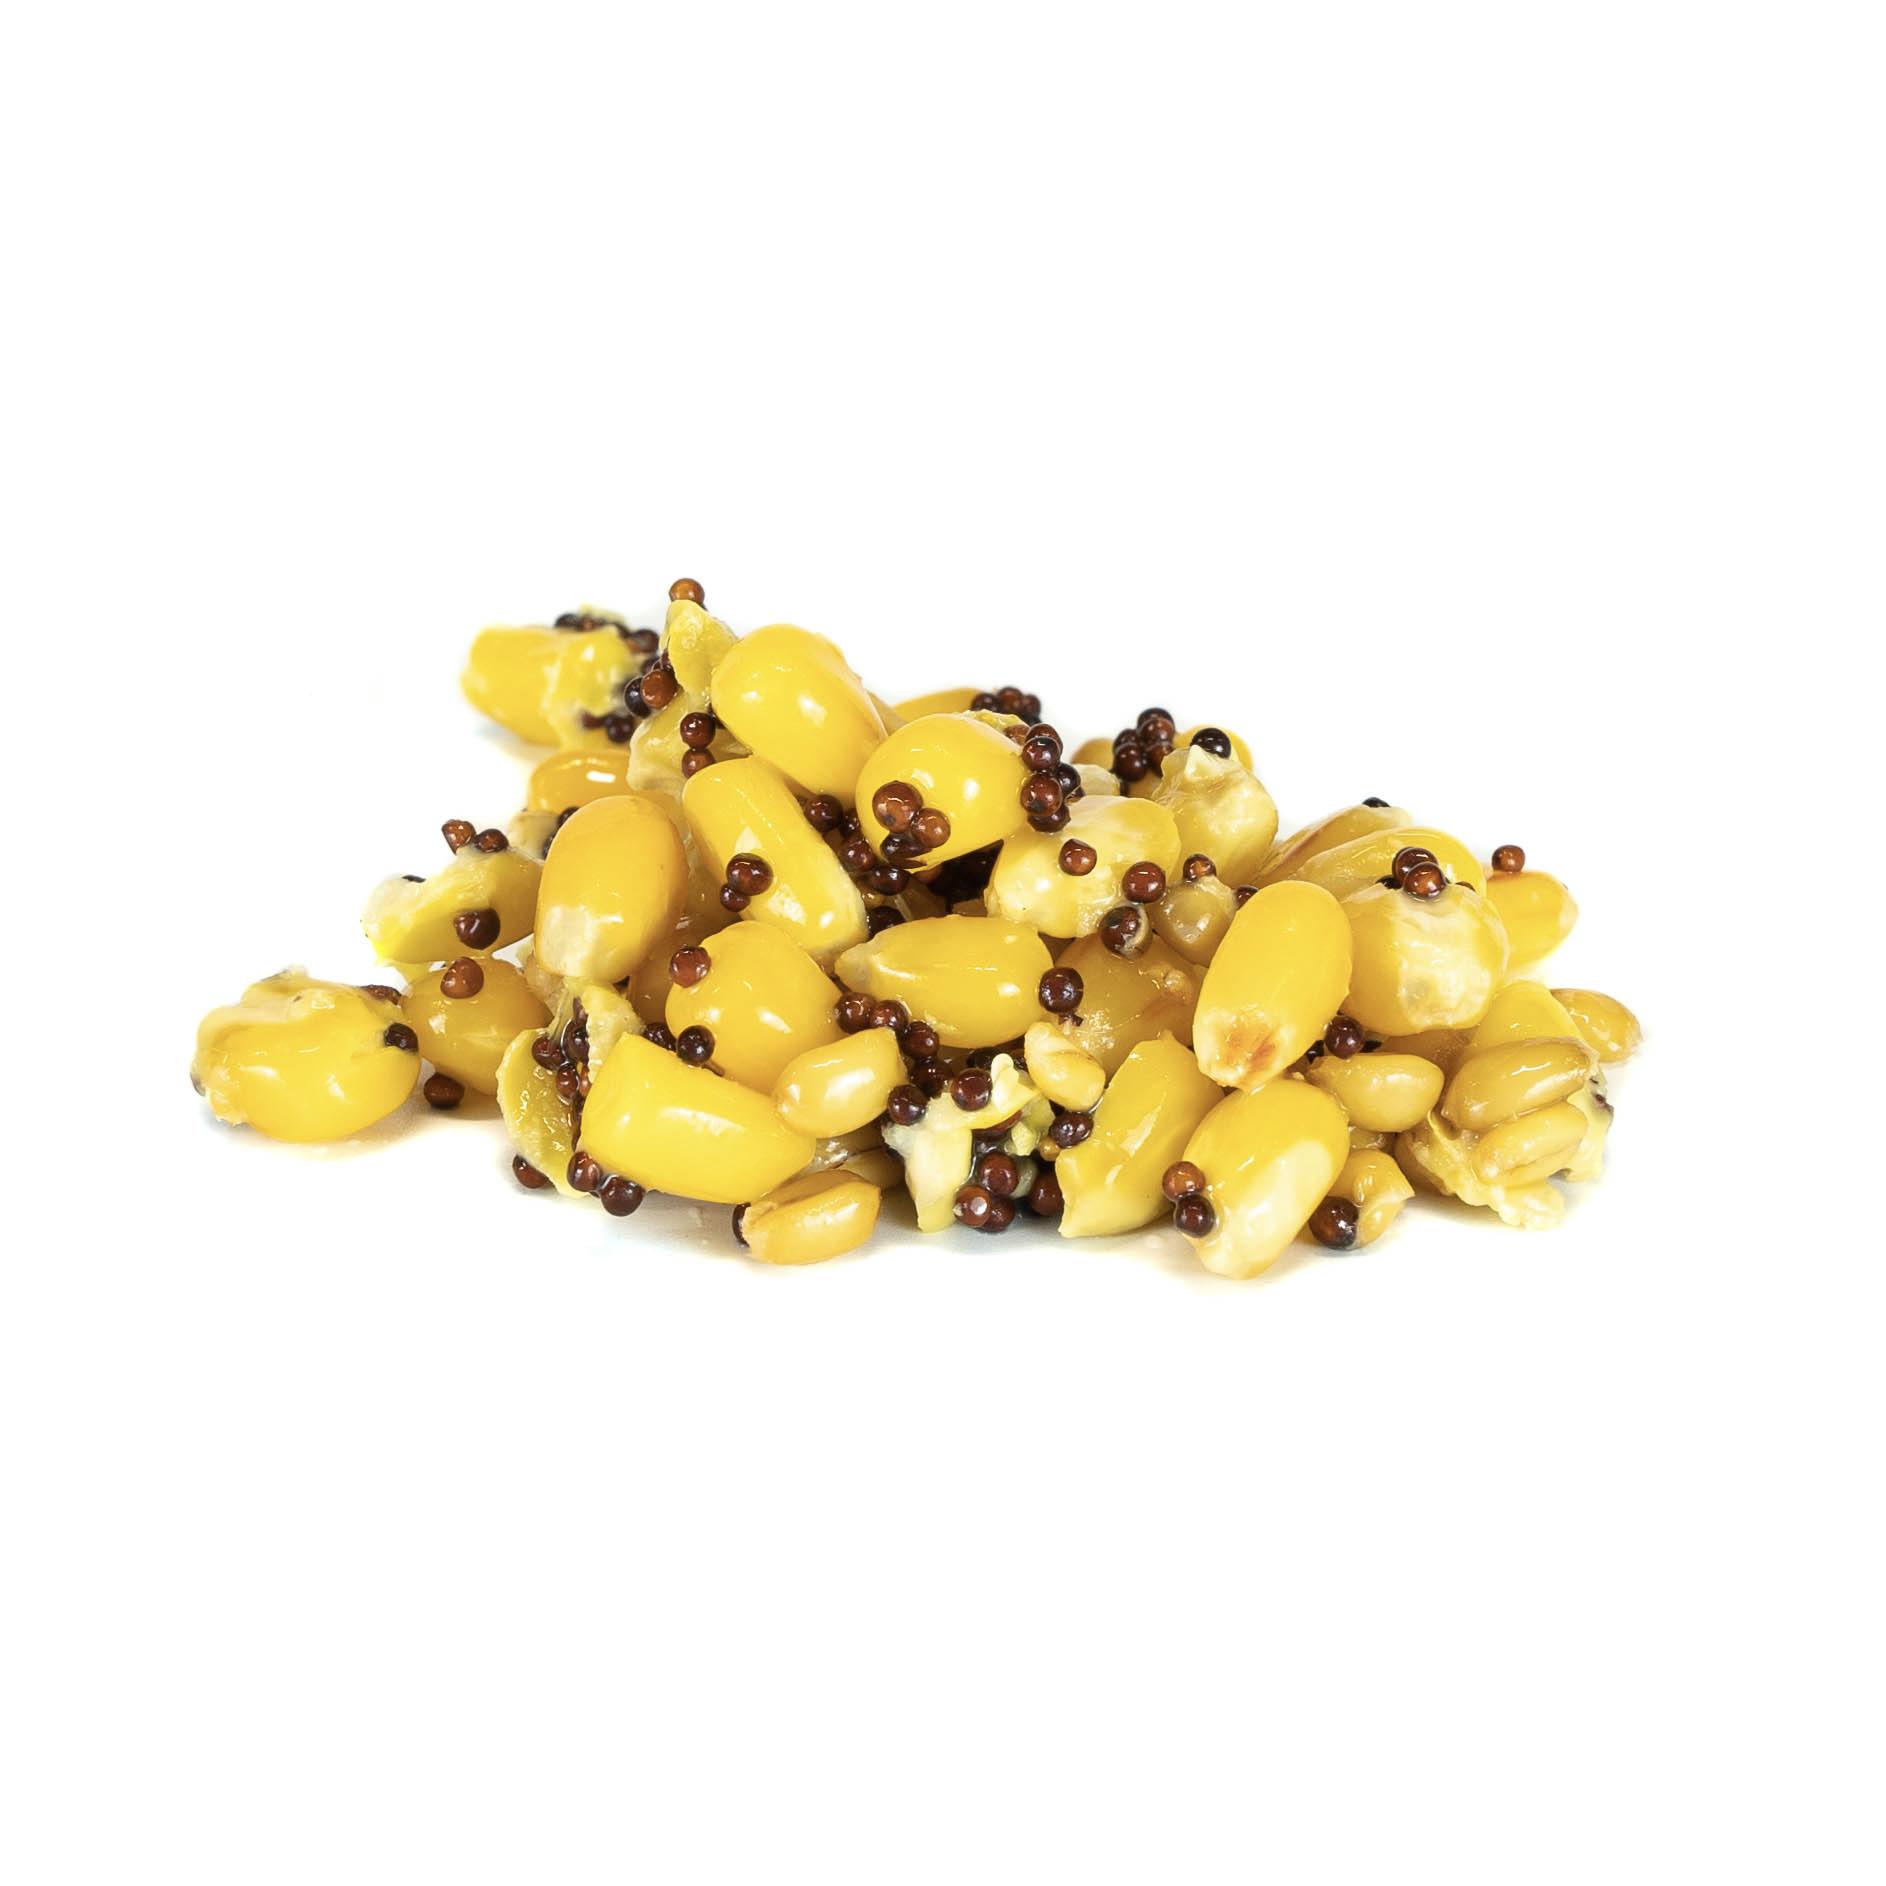 Nakládaný partikl 1kg - Partiklový express (kukuřice, pšenice, řepka)